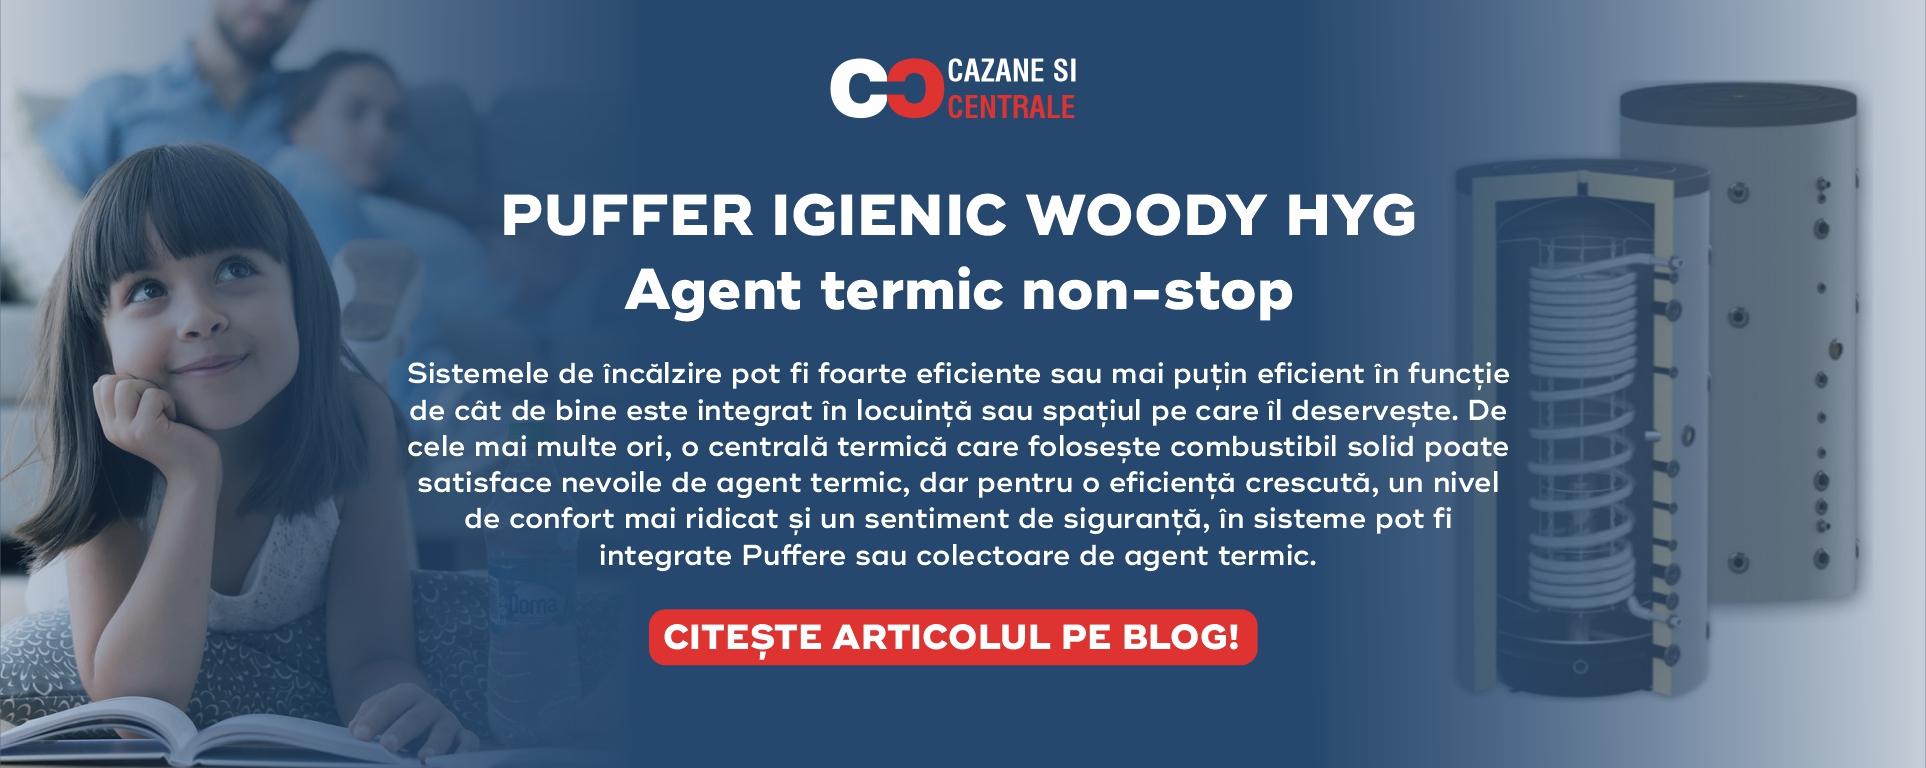 Articol Puffer Igienic Woody